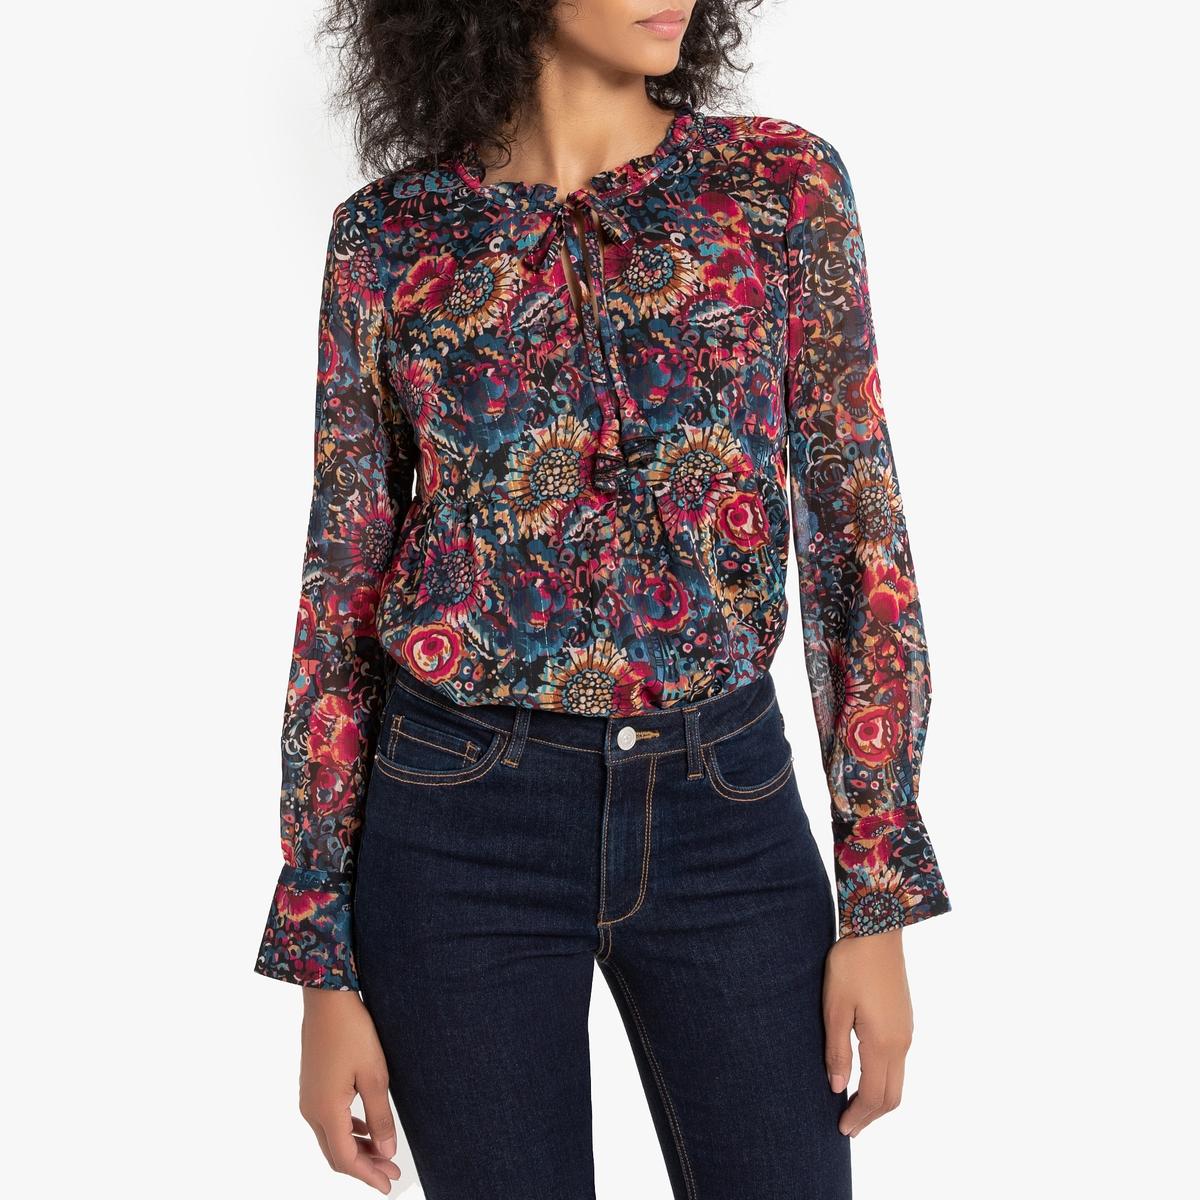 Блузка La Redoute С тунисским вырезом Teaky S разноцветный футболка с тунисским вырезом из 100% хлопка с эффектом фламме